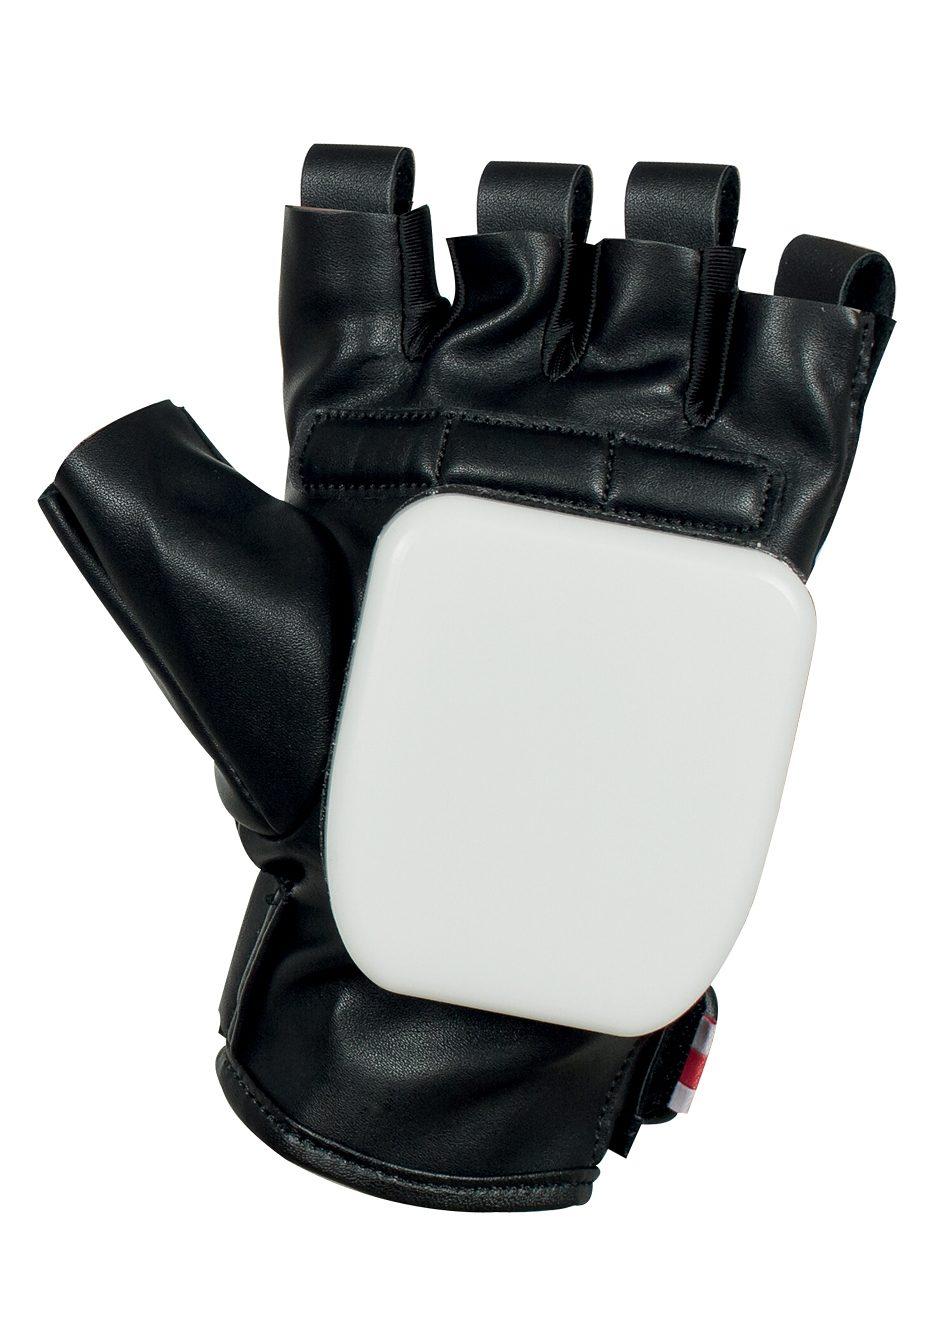 Ennui Slider Handschuh, »BLVD Glove«